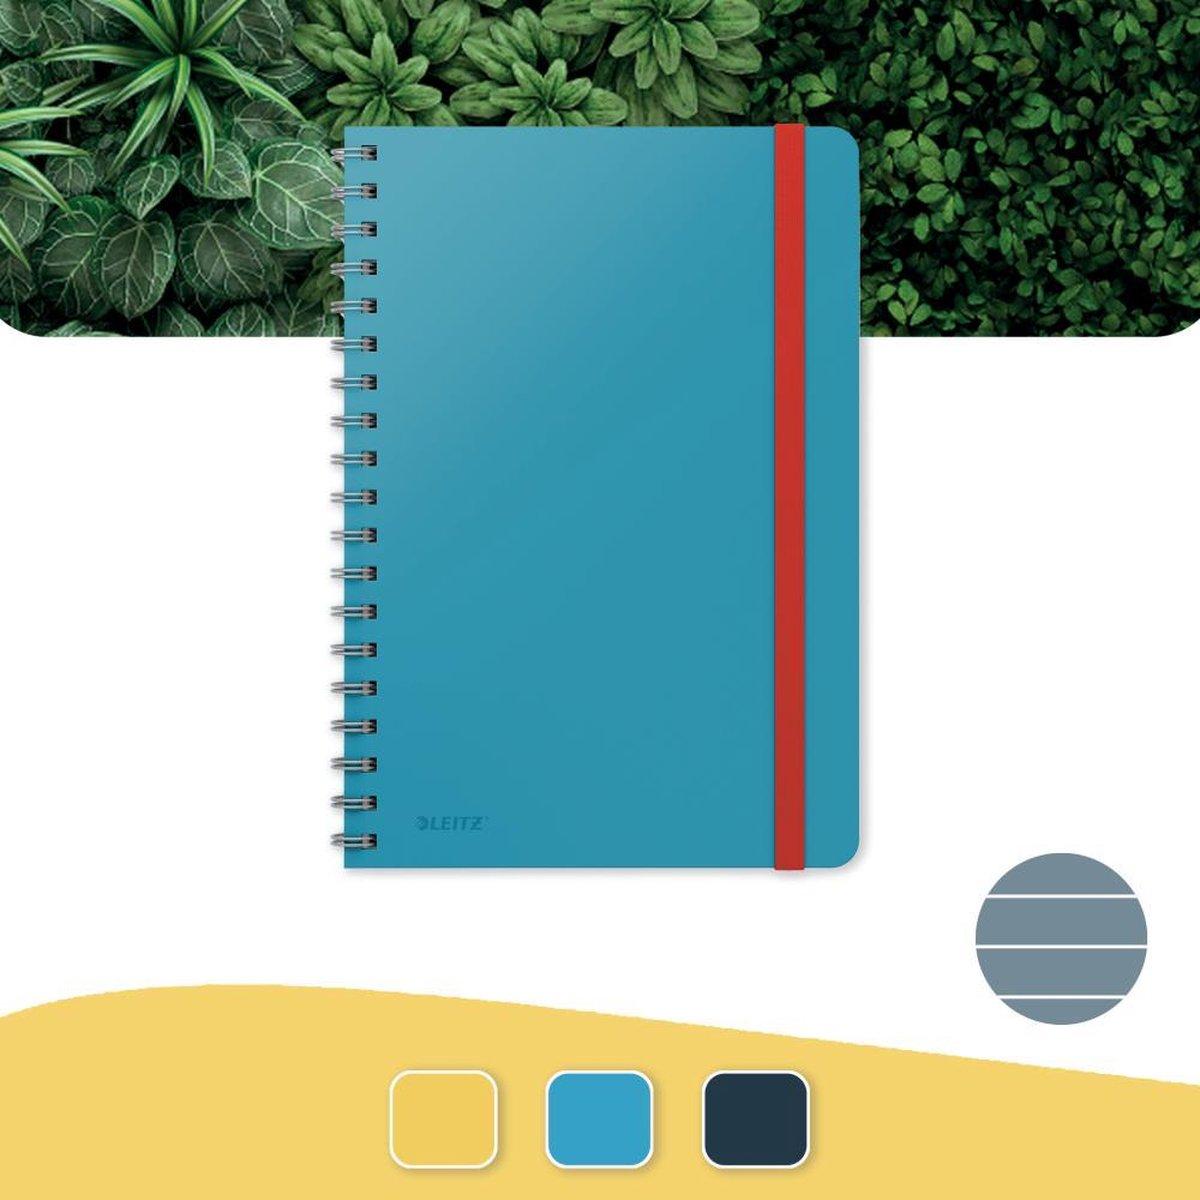 Leitz Cosy Notitieboek B5 Soft Touch Gelijnd - Notitieboek Hard Cover - Spiraalgebonden - Voor Kantoor En Thuiswerken - Sereen Blauw - Ideaal Voor Thuiskantoor